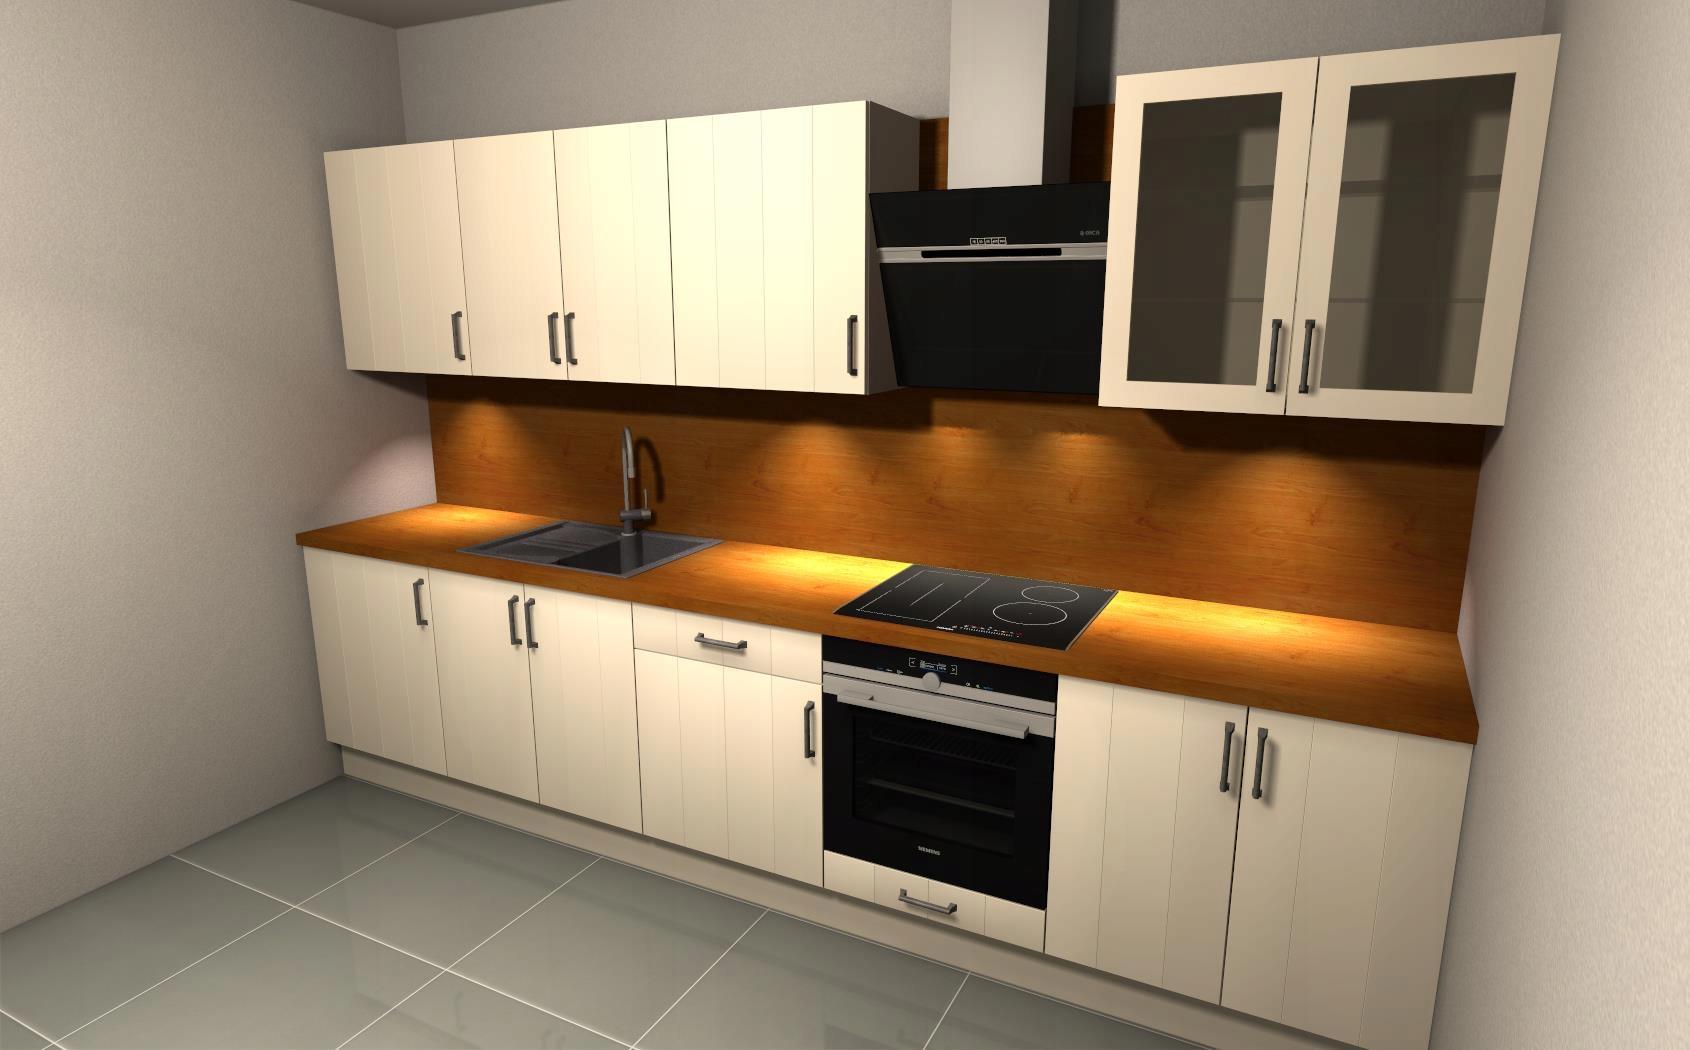 Kuchnia W Stylu Prowansalskim Bezowa 280 7483664329 Allegro Pl